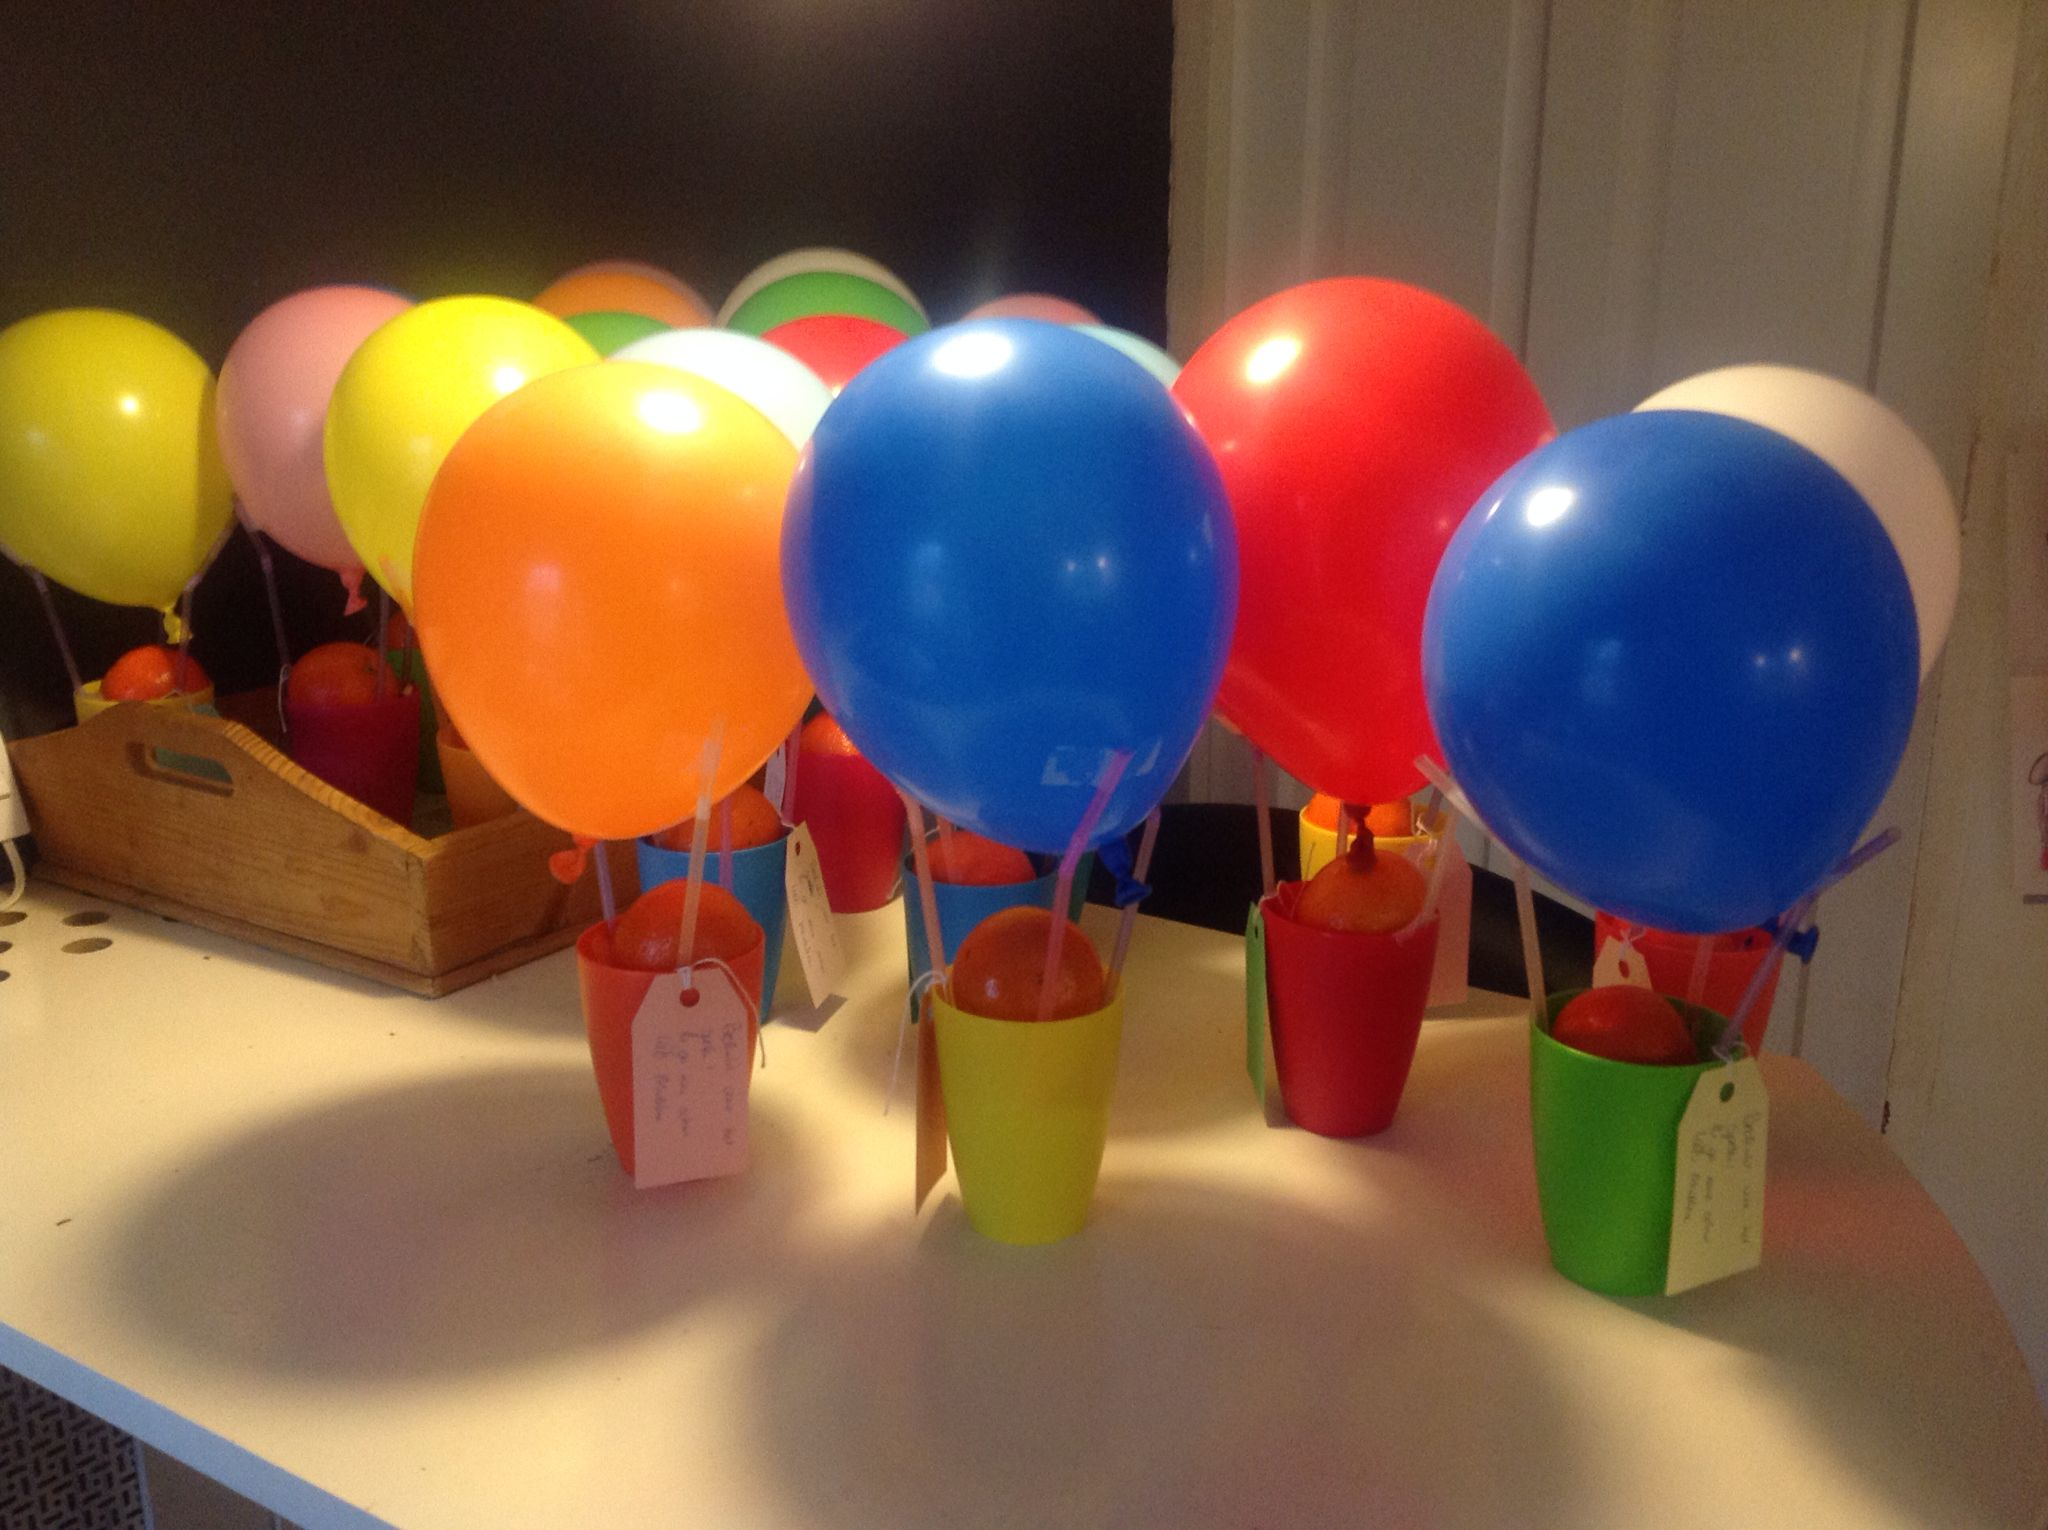 Afscheid cr che bekers van de hema rietjes ballonnen for Kartonnen bekers hema